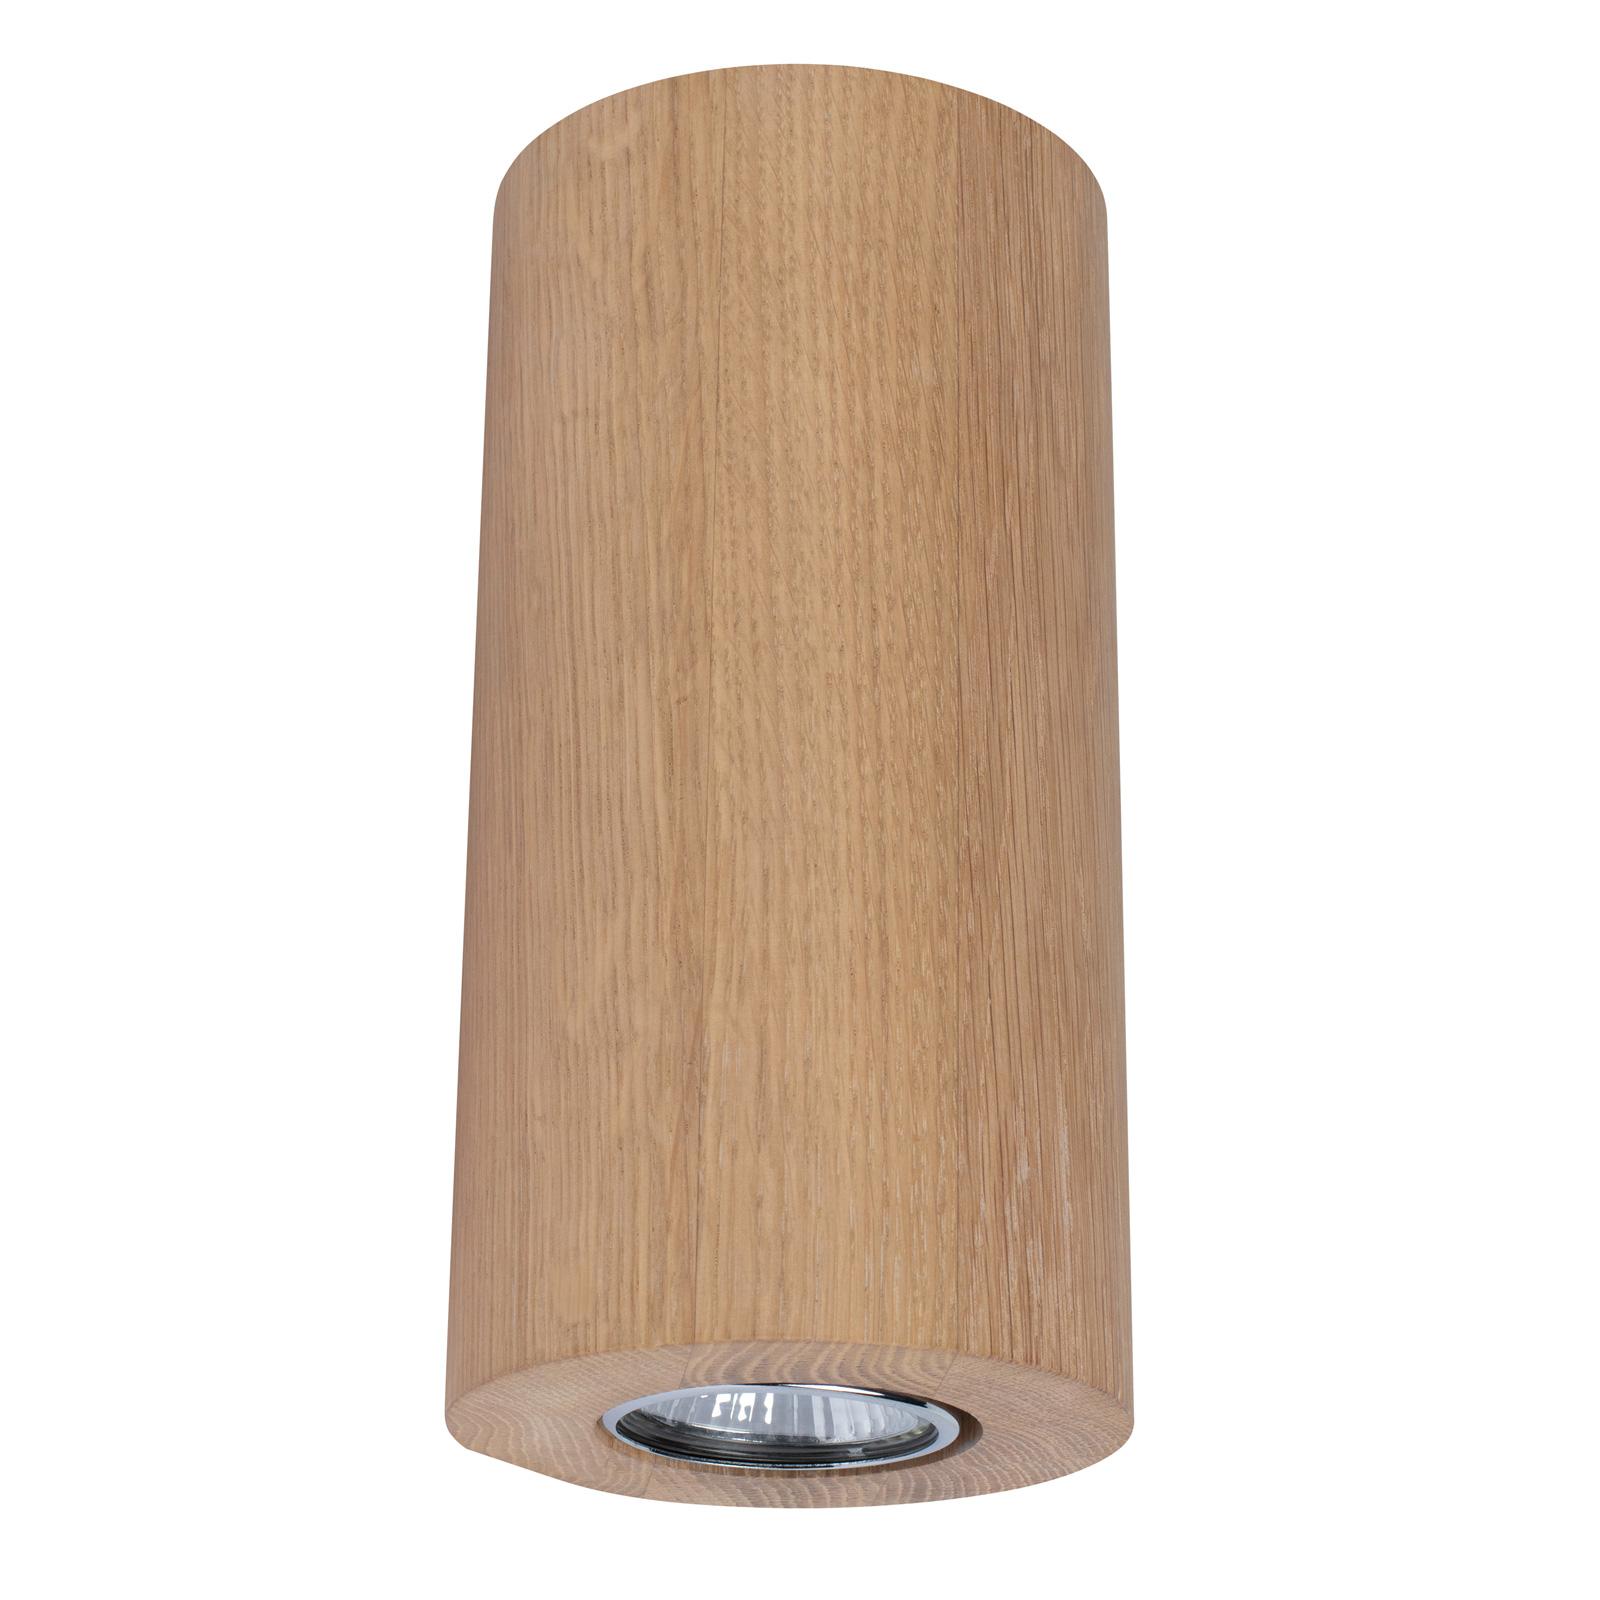 Wandlamp Wooddream 1-lamp eiken, rond, 20cm